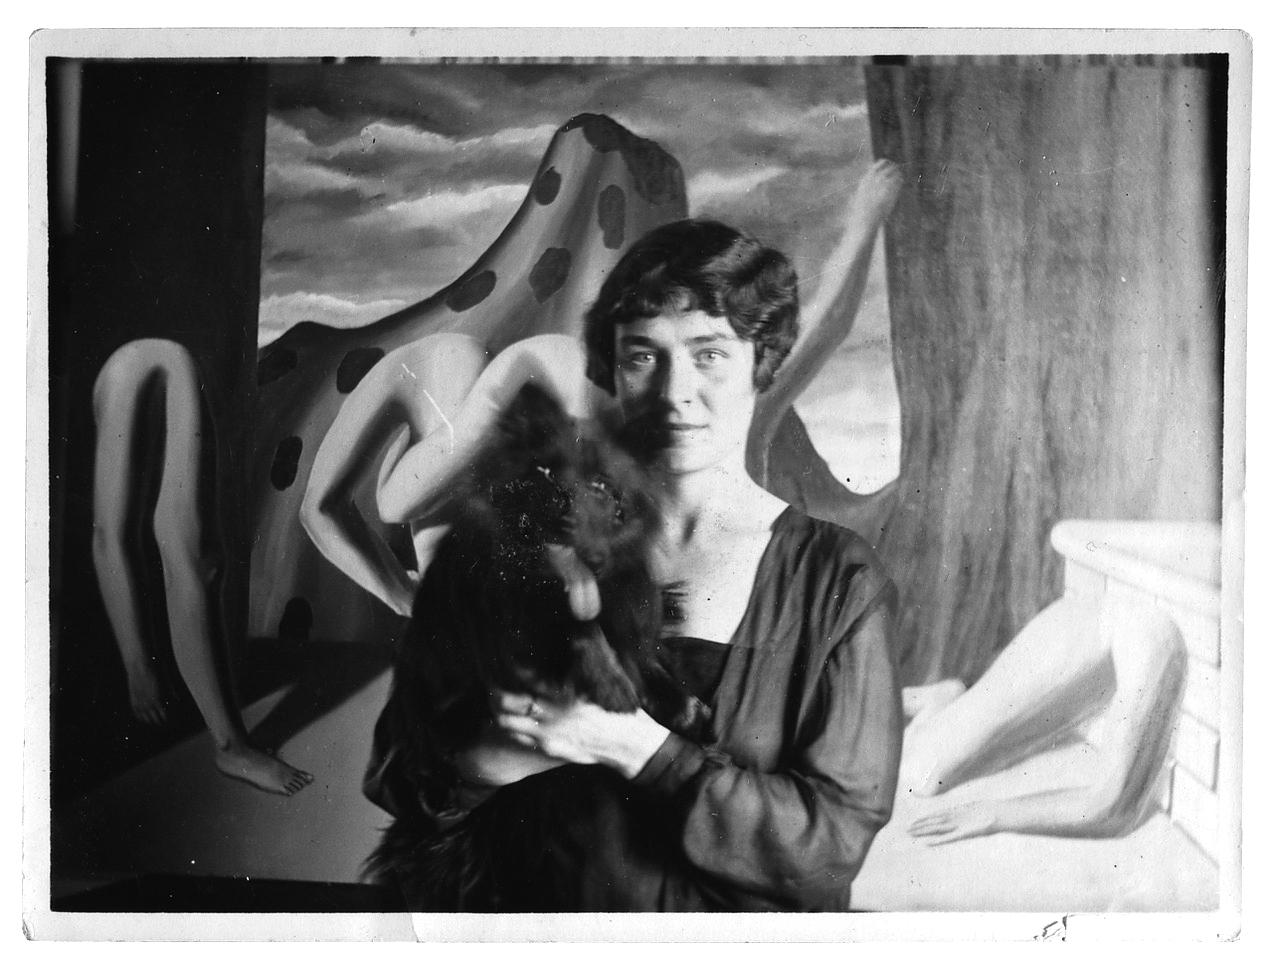 La creation des images, Georgette Magritte e Loulou, Le perreux sur Marne, 1928